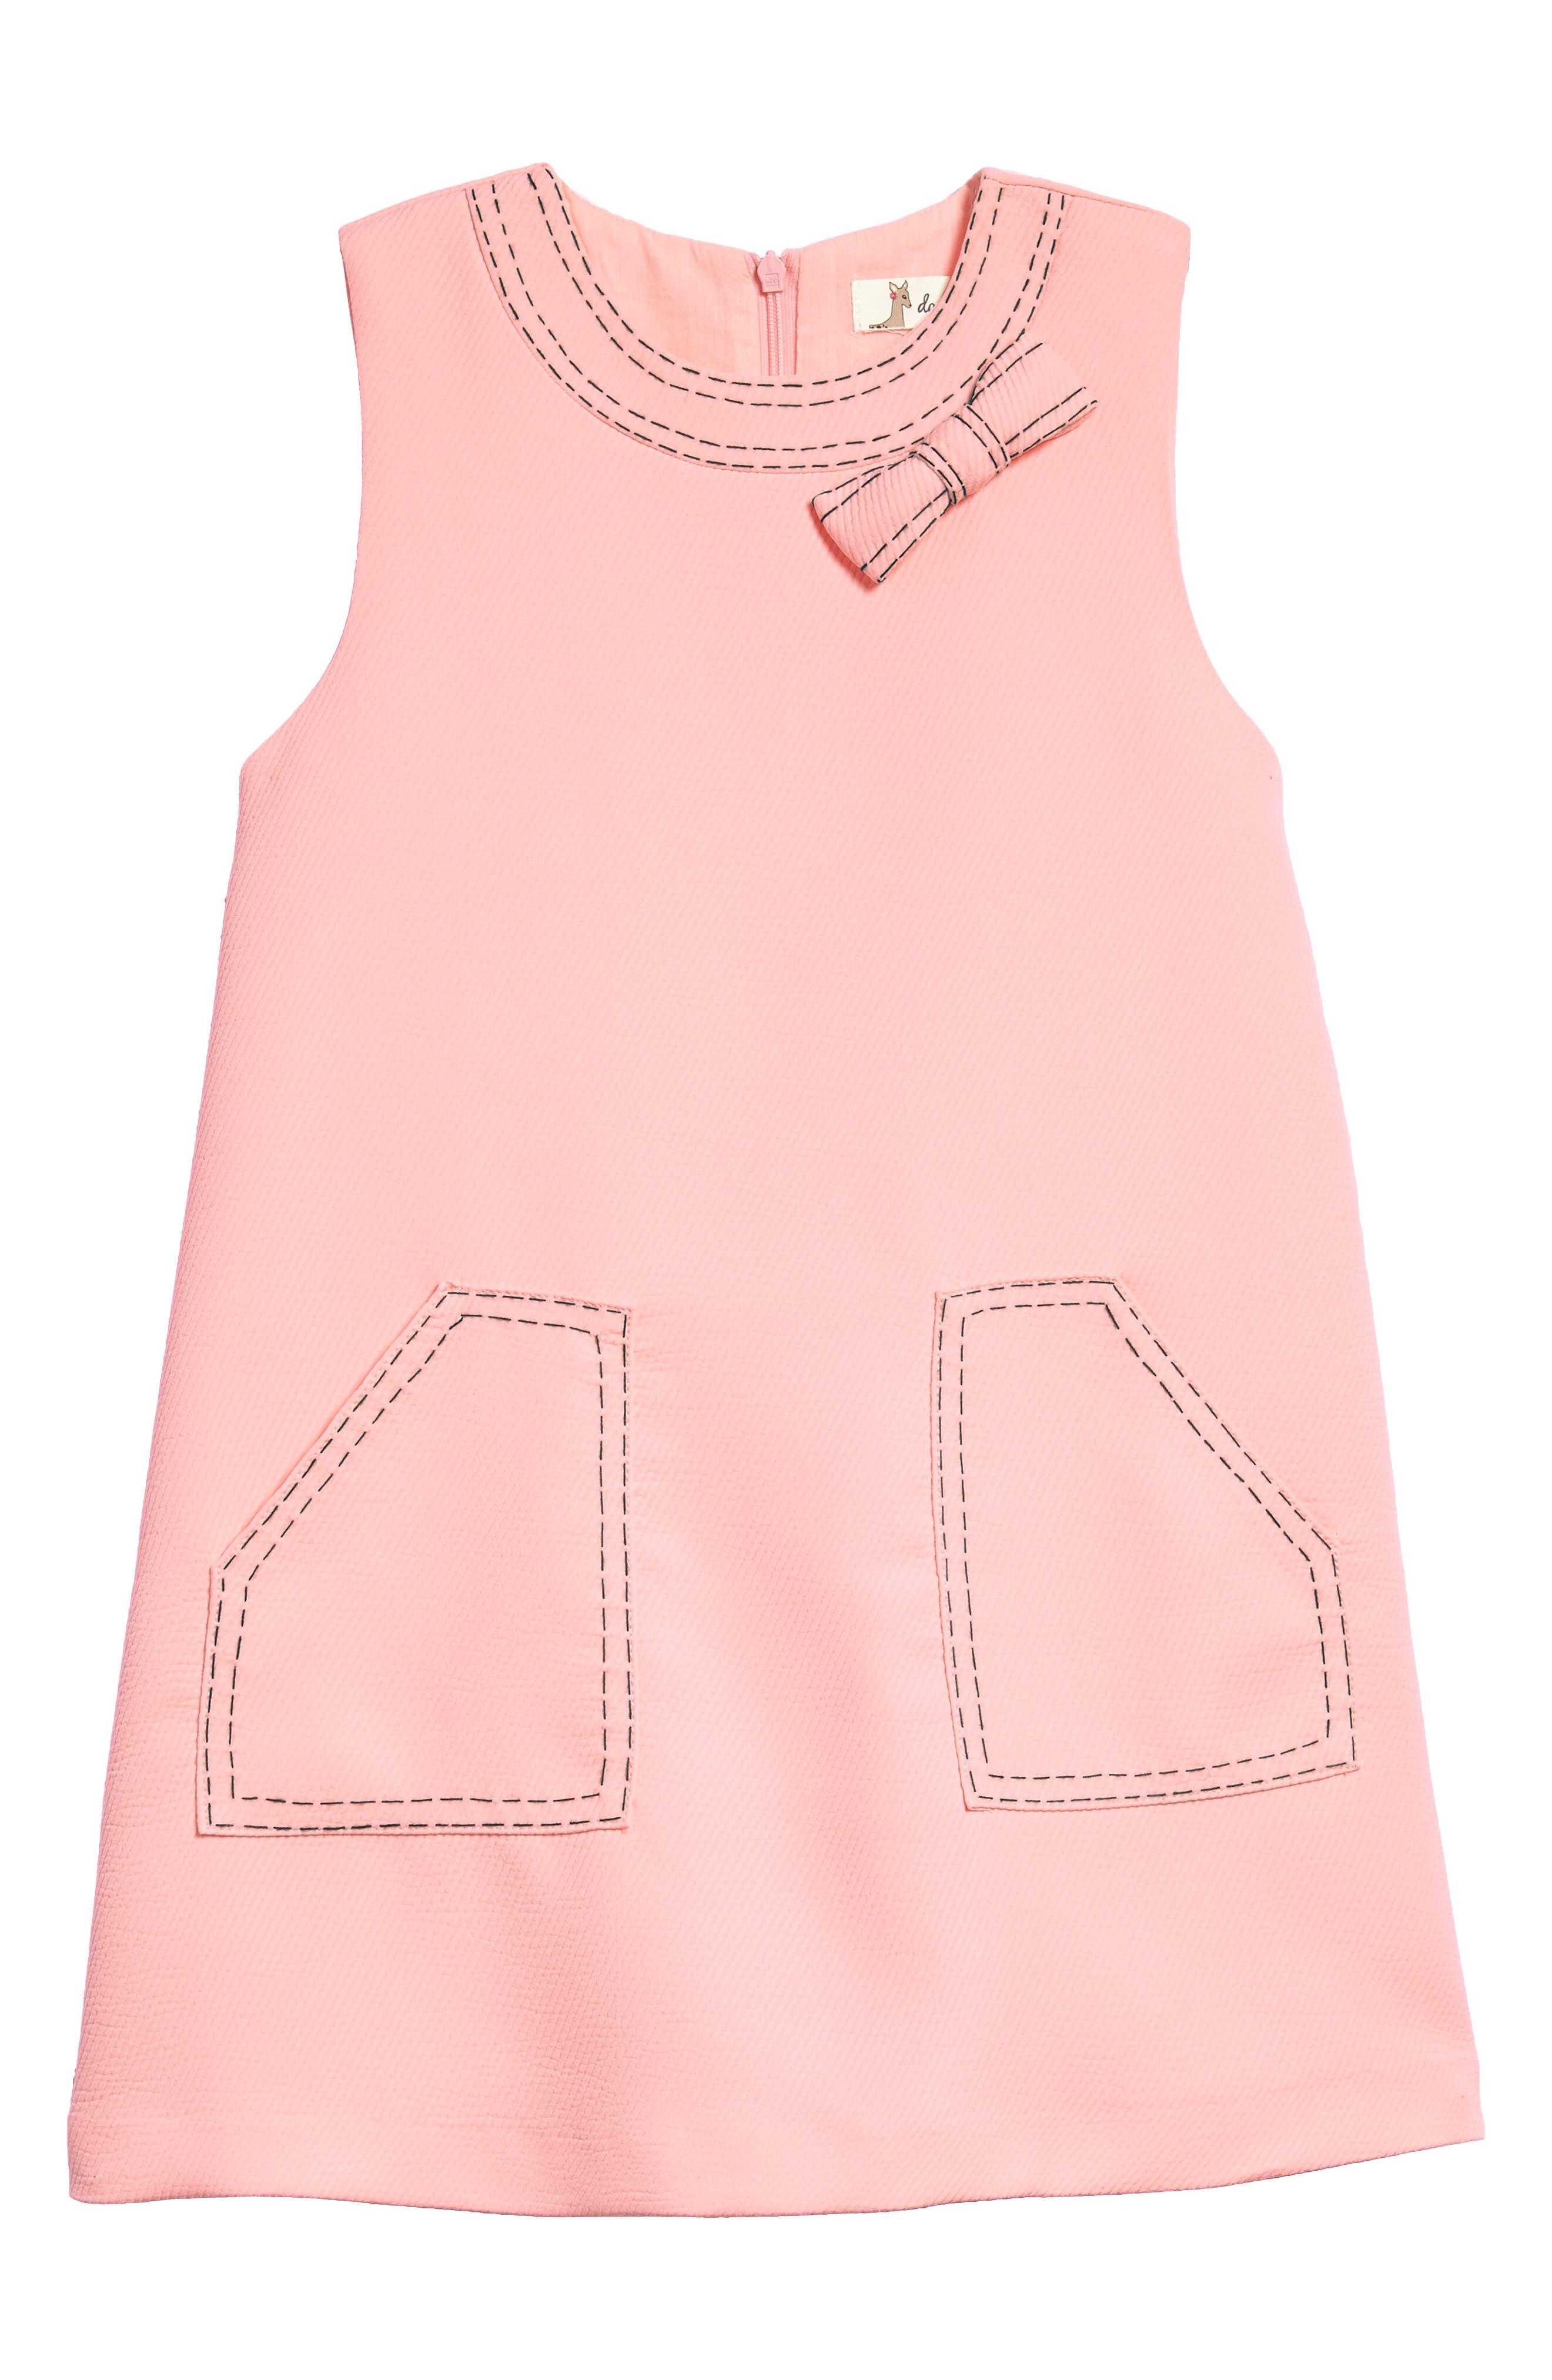 Main Image - Doe a Dear Mod Sleeveless Shift Dress (Toddler Girls, Little Girls & Big Girls)